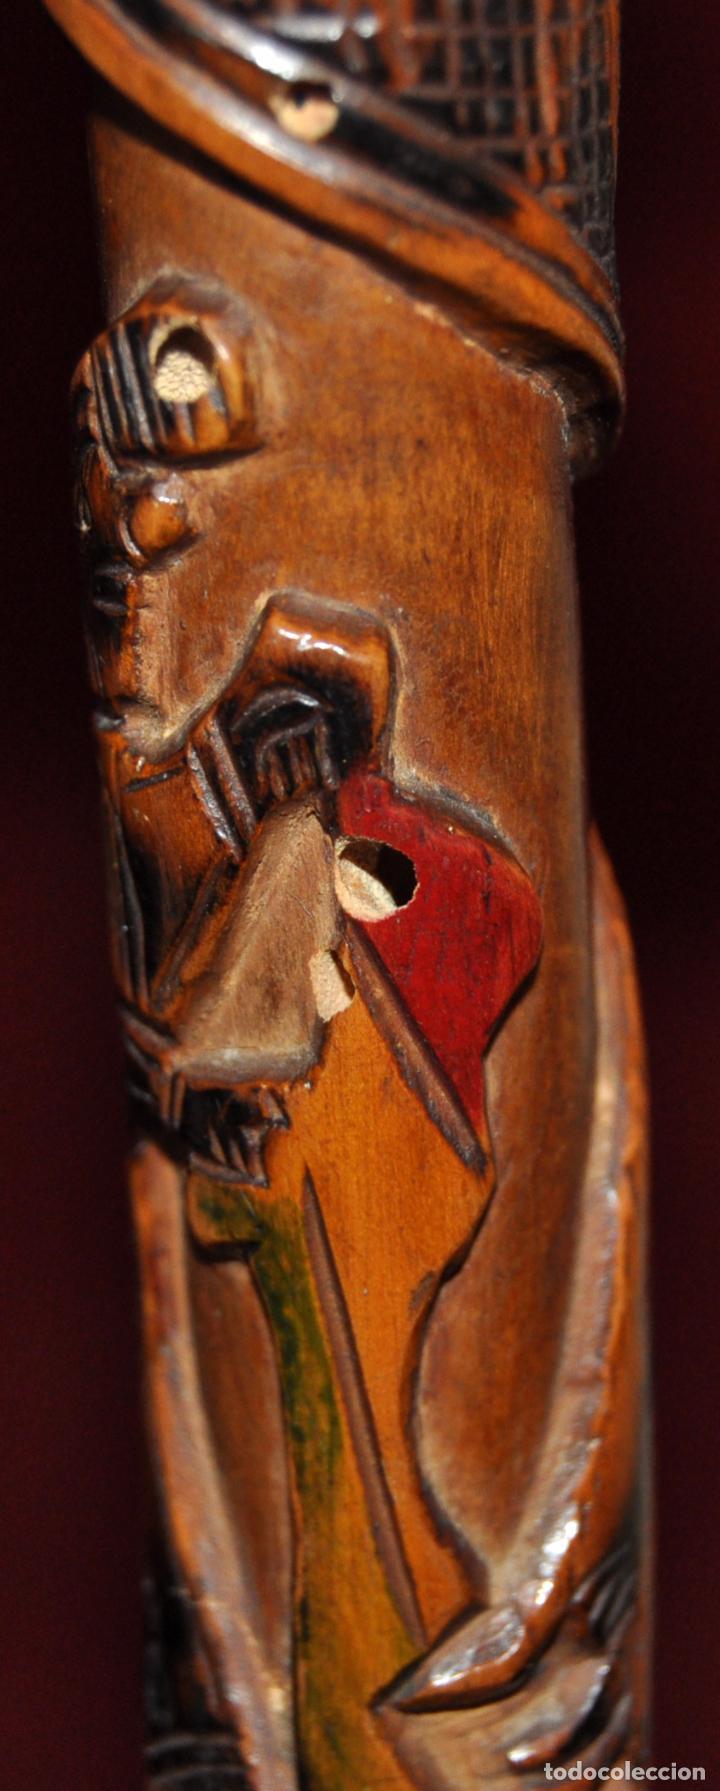 Antigüedades: ANTIGUO BASTON EN MADERA TROPICAL Y DECORACIONES TALLADAS A MANO. CIRCA 1900 - Foto 7 - 71174053